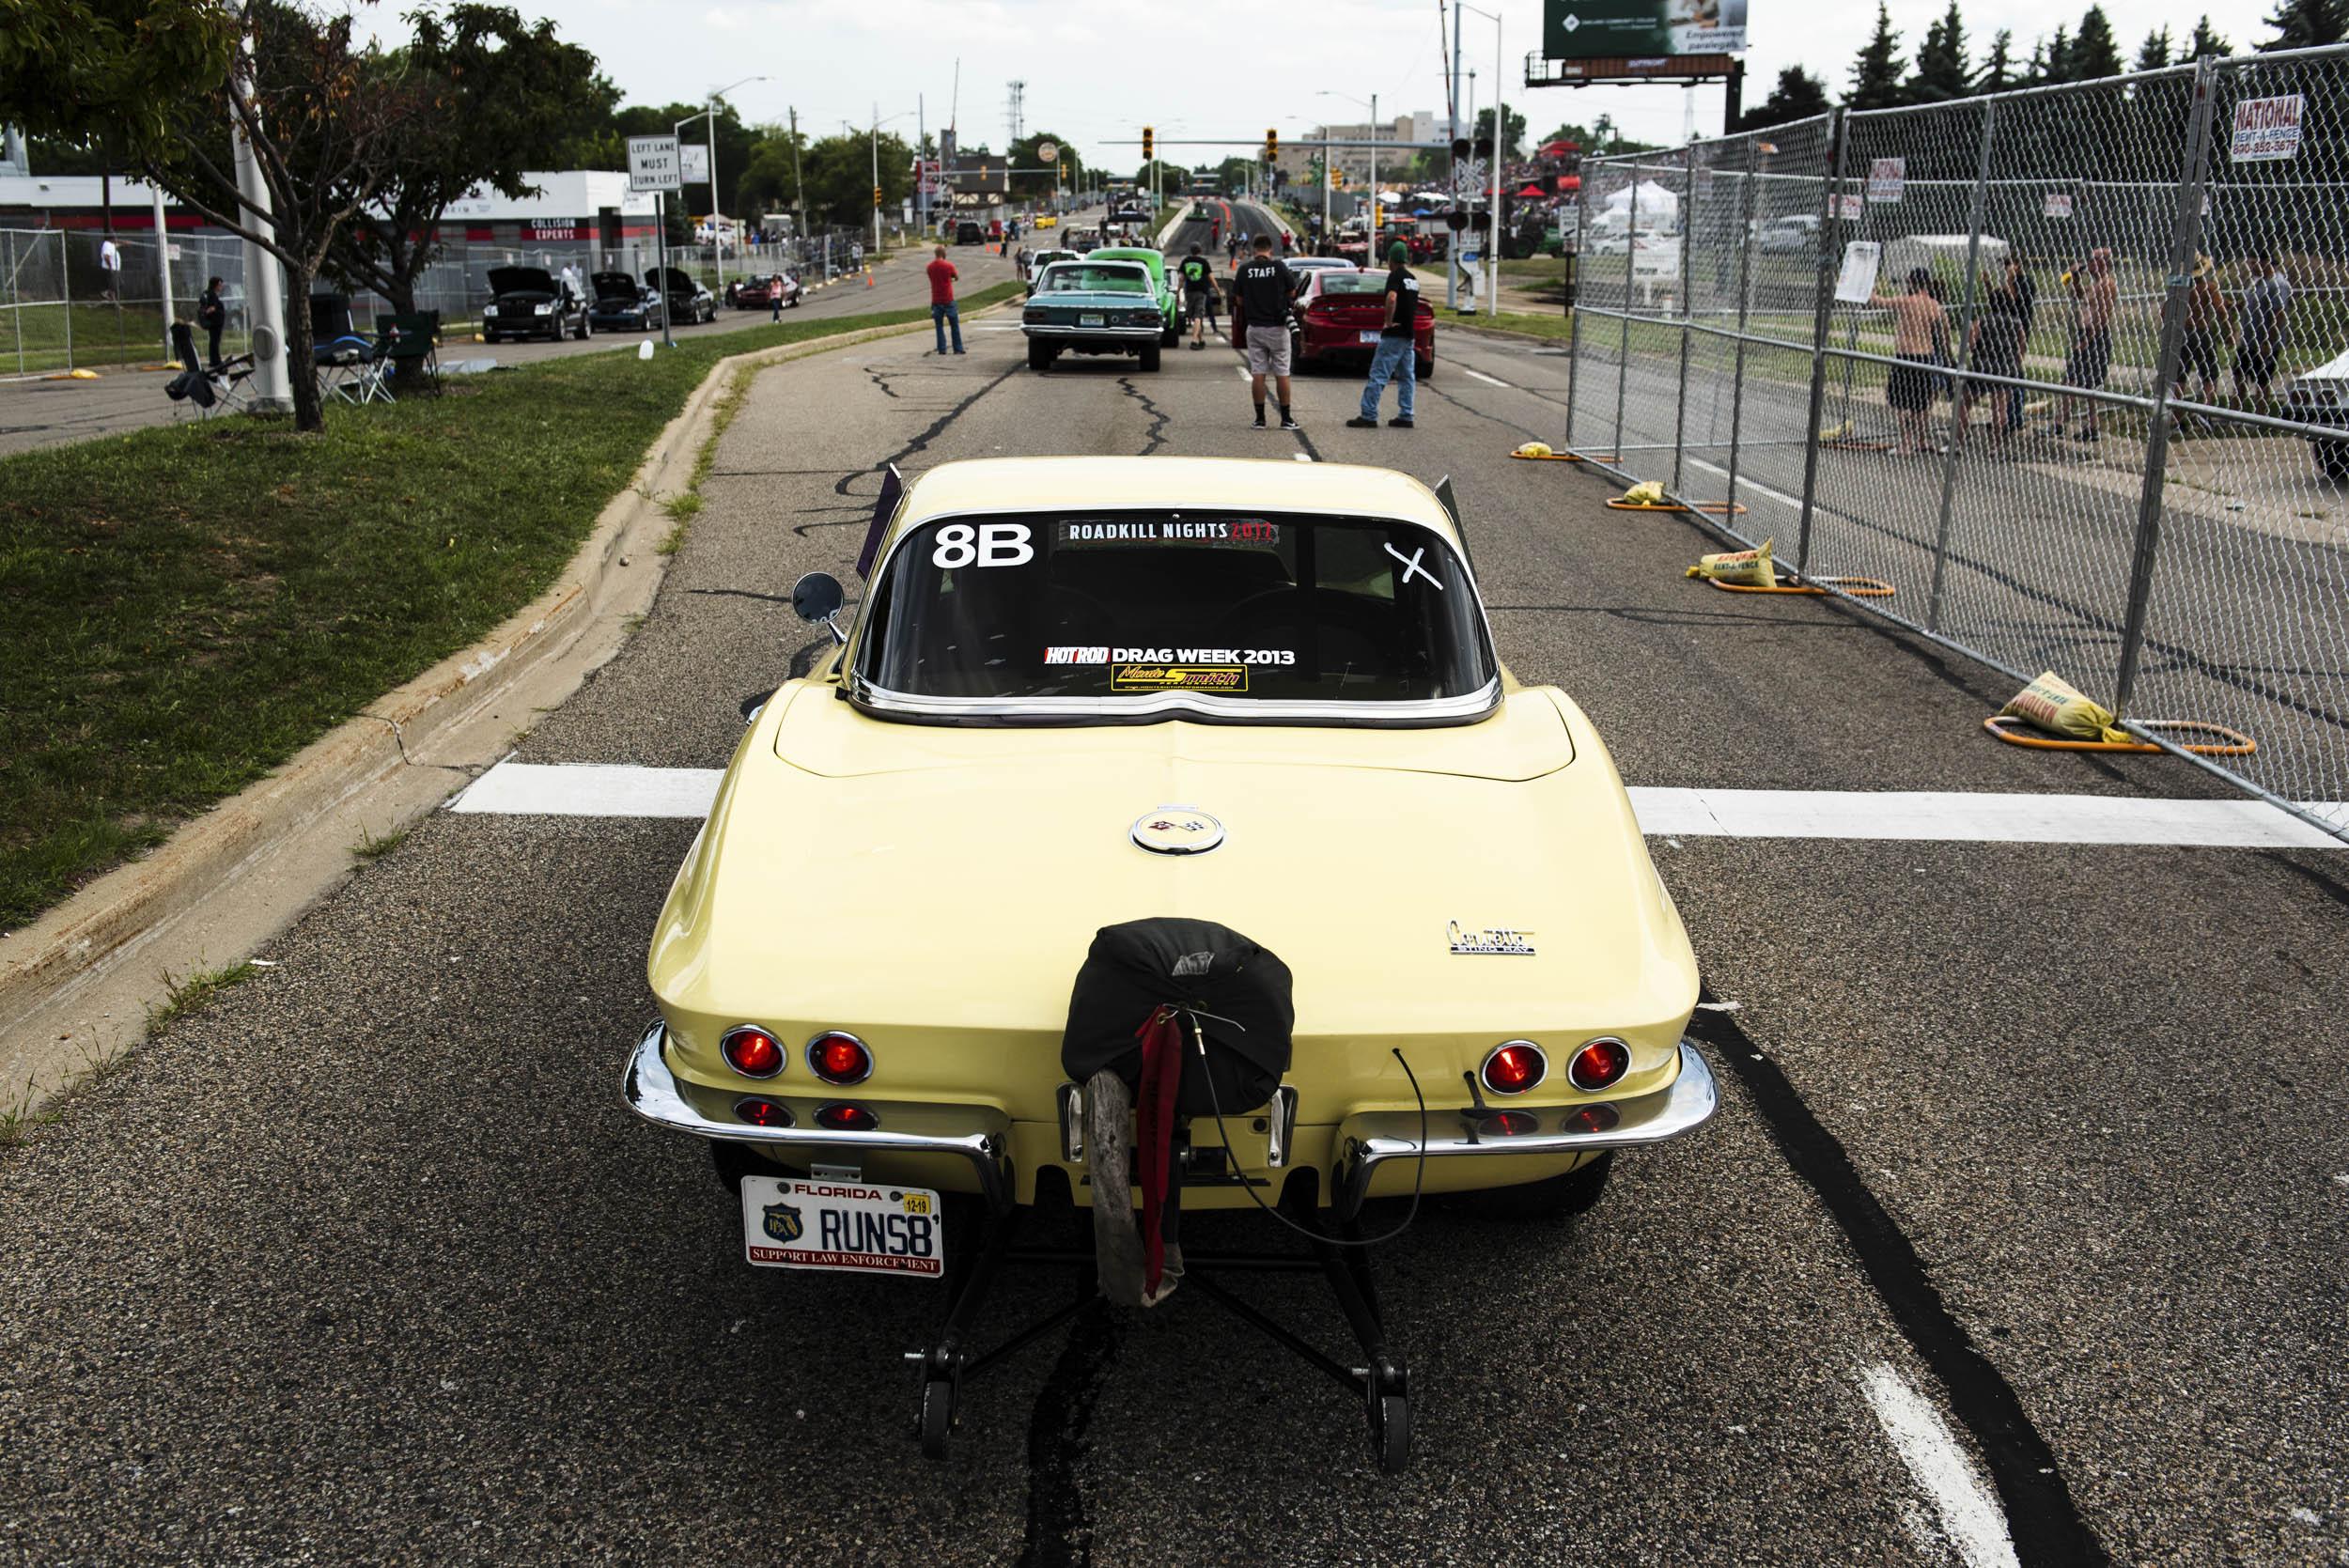 Corvette drag car at Roadkill nights